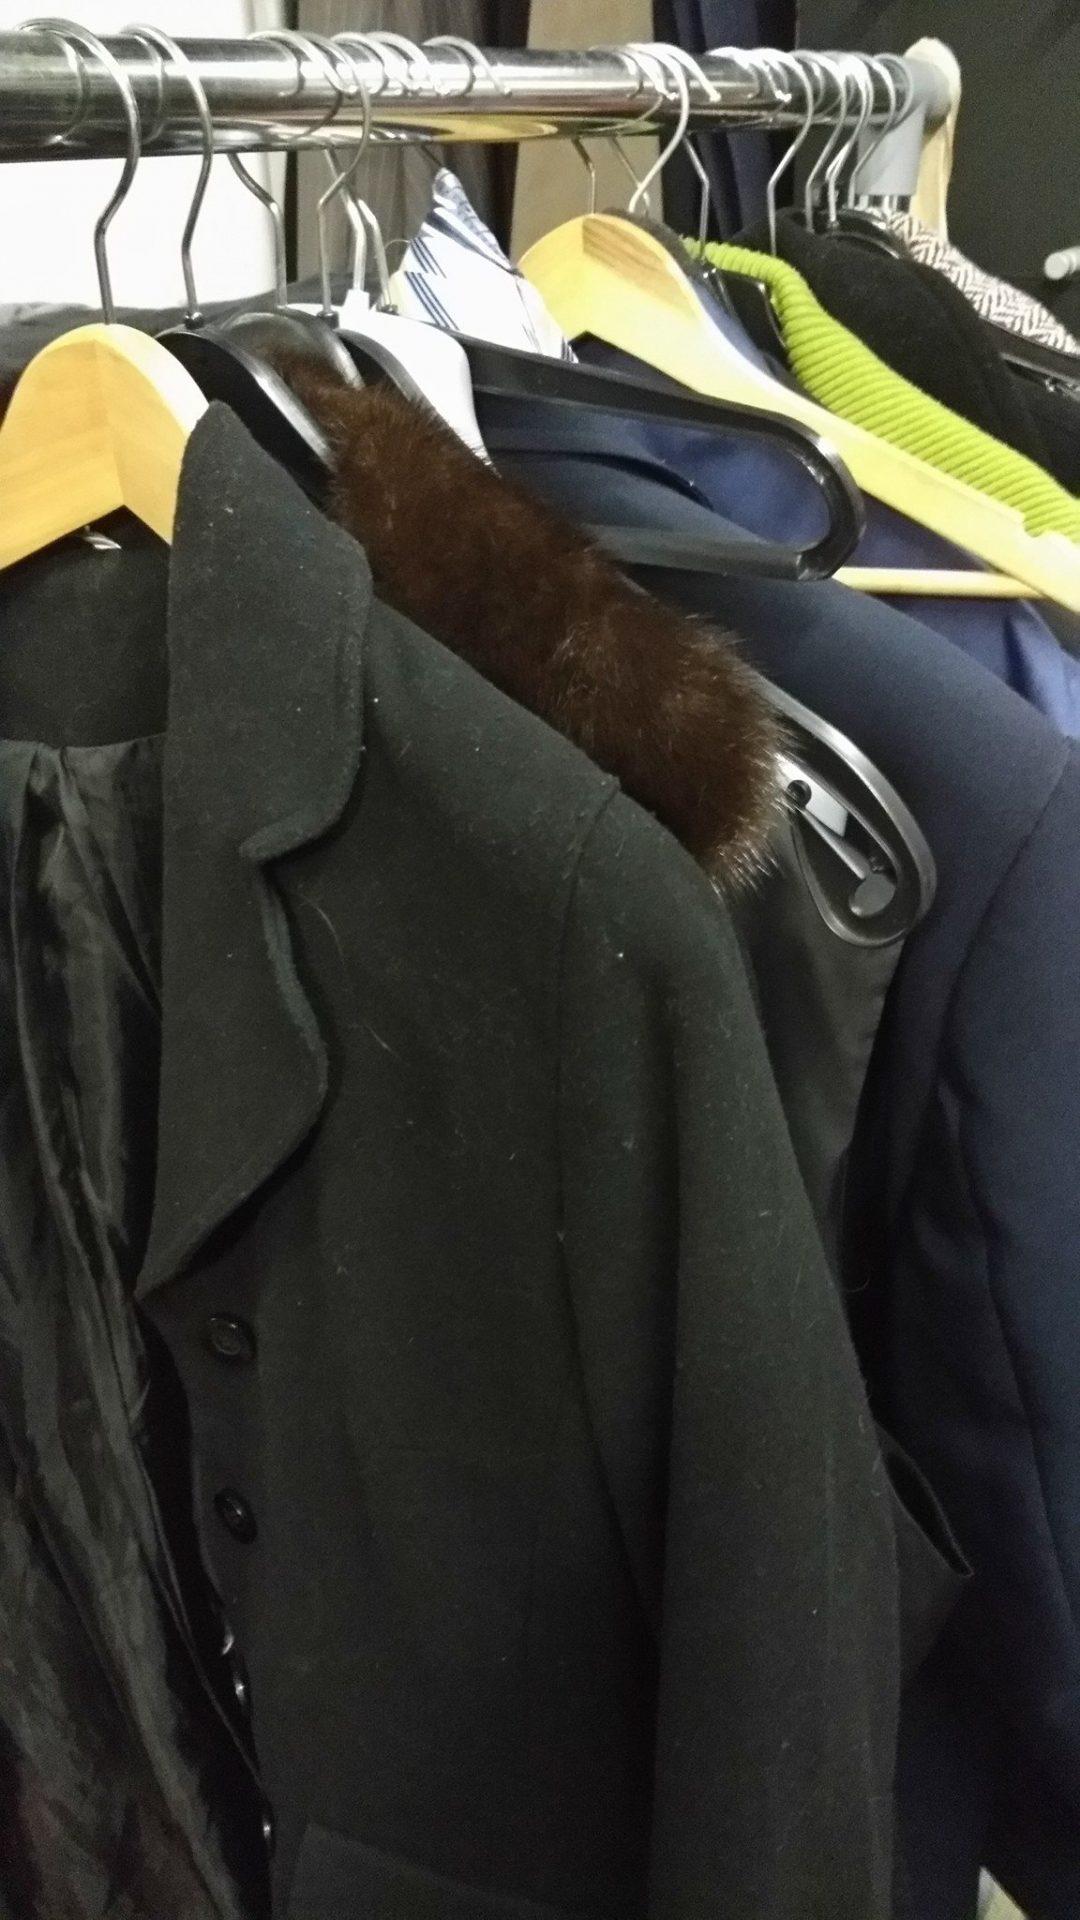 4fb3658262 Kabátokat lehet adományozni a Városházán a rászorulóknak - www.szentendre.hu